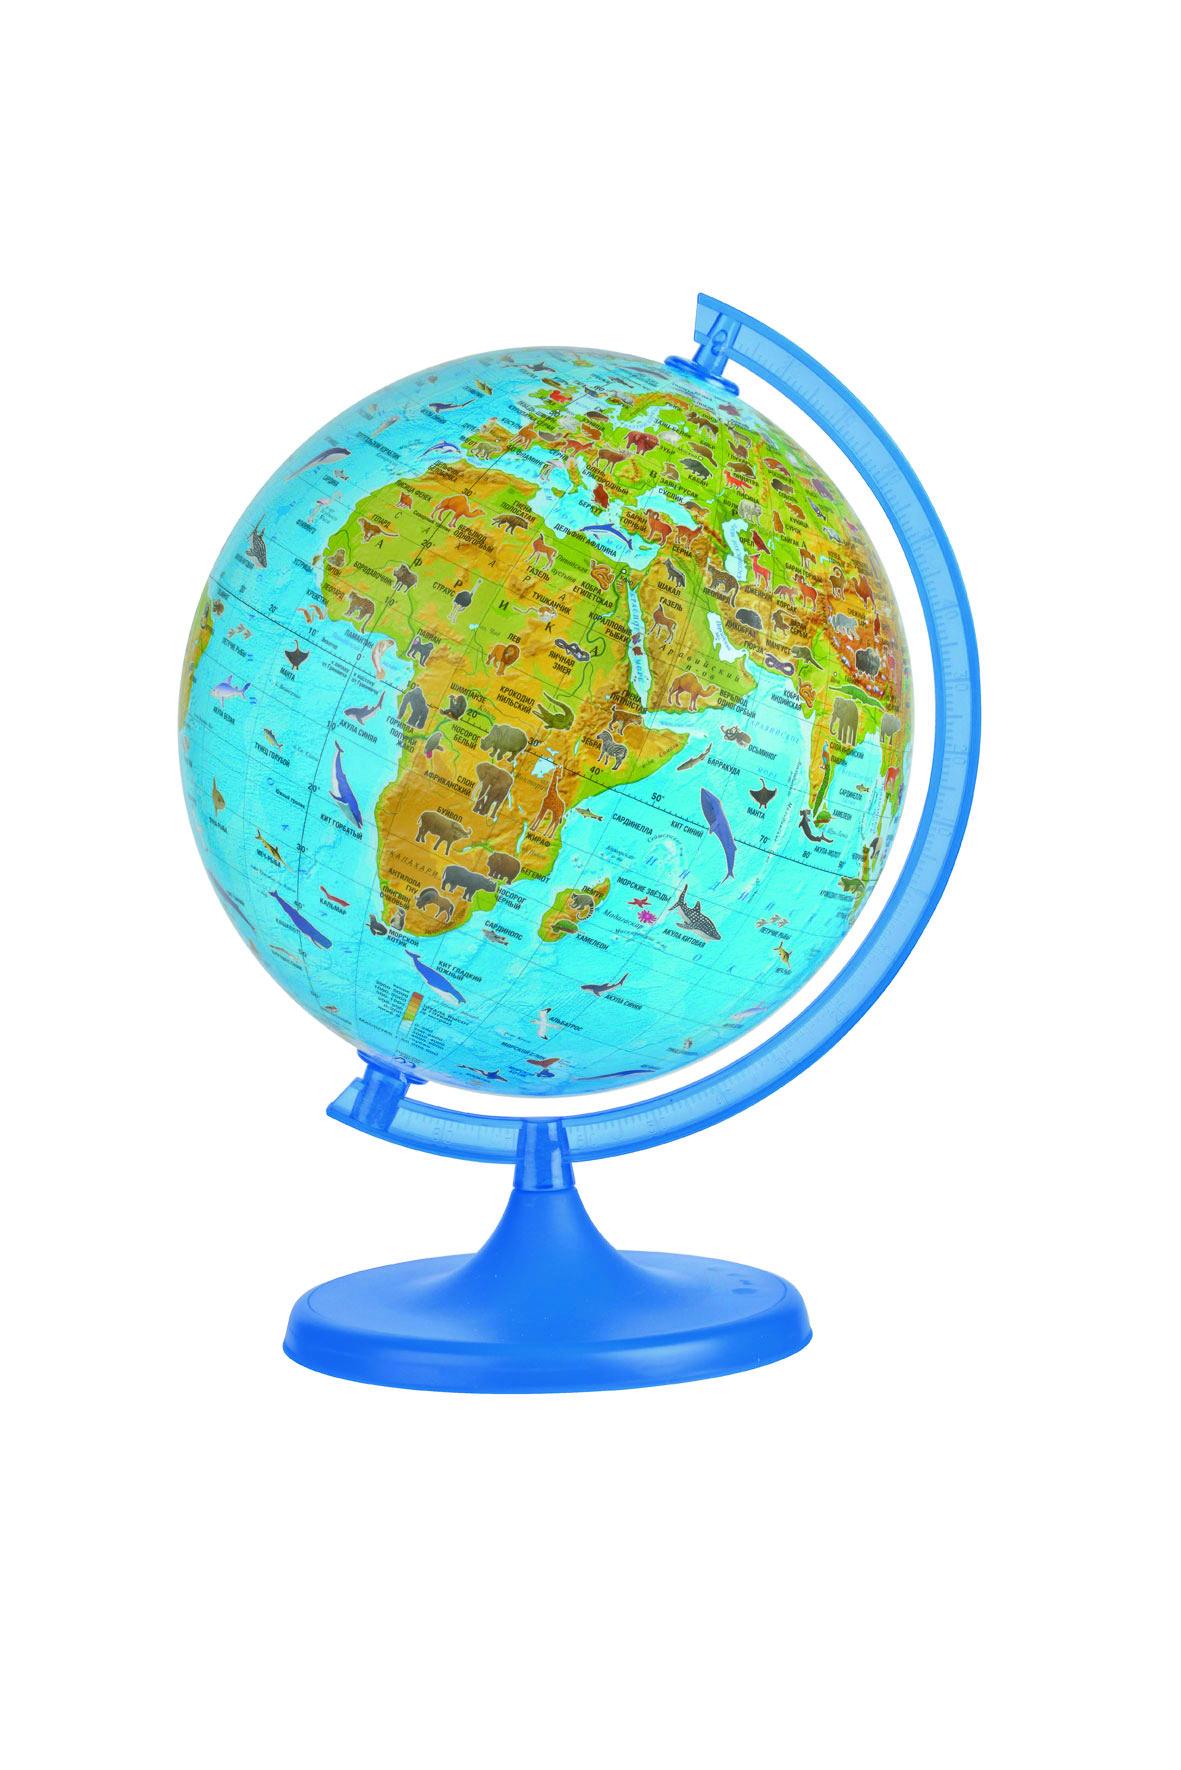 Глобус DMB, с зоологической картой мира, диаметр 22 см + Мини-энциклопедия Животный Мир ЗемлиОСН1224098Зоологический глобус DMB изготовлен из высококачественного прочного пластика. На сфере зоологического глобуса изображены материки иокеаны, а также места проживания животных и рыб. На глобусе отображенысамые известные животные, наиболее характерные для той или иной средыобитания. Изделие расположено на подставке. Географические названия наглобусе приведены на русском языке. Сделайте первый шаг встимулирование своего обучения! К глобусу прилагается мини-энциклопедияЖивотный Мир Земли, которая обязательно поможет детям и их родителямоткрыть для себя что-то новое в изучении животного мира нашей удивительнойпланеты.Настольный глобус DMB станет оригинальным украшением рабочего стола или вашего кабинета. Это изысканная вещь для стильного интерьера, которая станет прекрасным подарком для современного преуспевающего человека, следующего последним тенденциям моды и стремящегося к элегантности и комфорту в каждой детали.Высота глобуса с подставкой: 33 см. Диаметр глобуса: 22 см. Масштаб: 1:60 000 000.